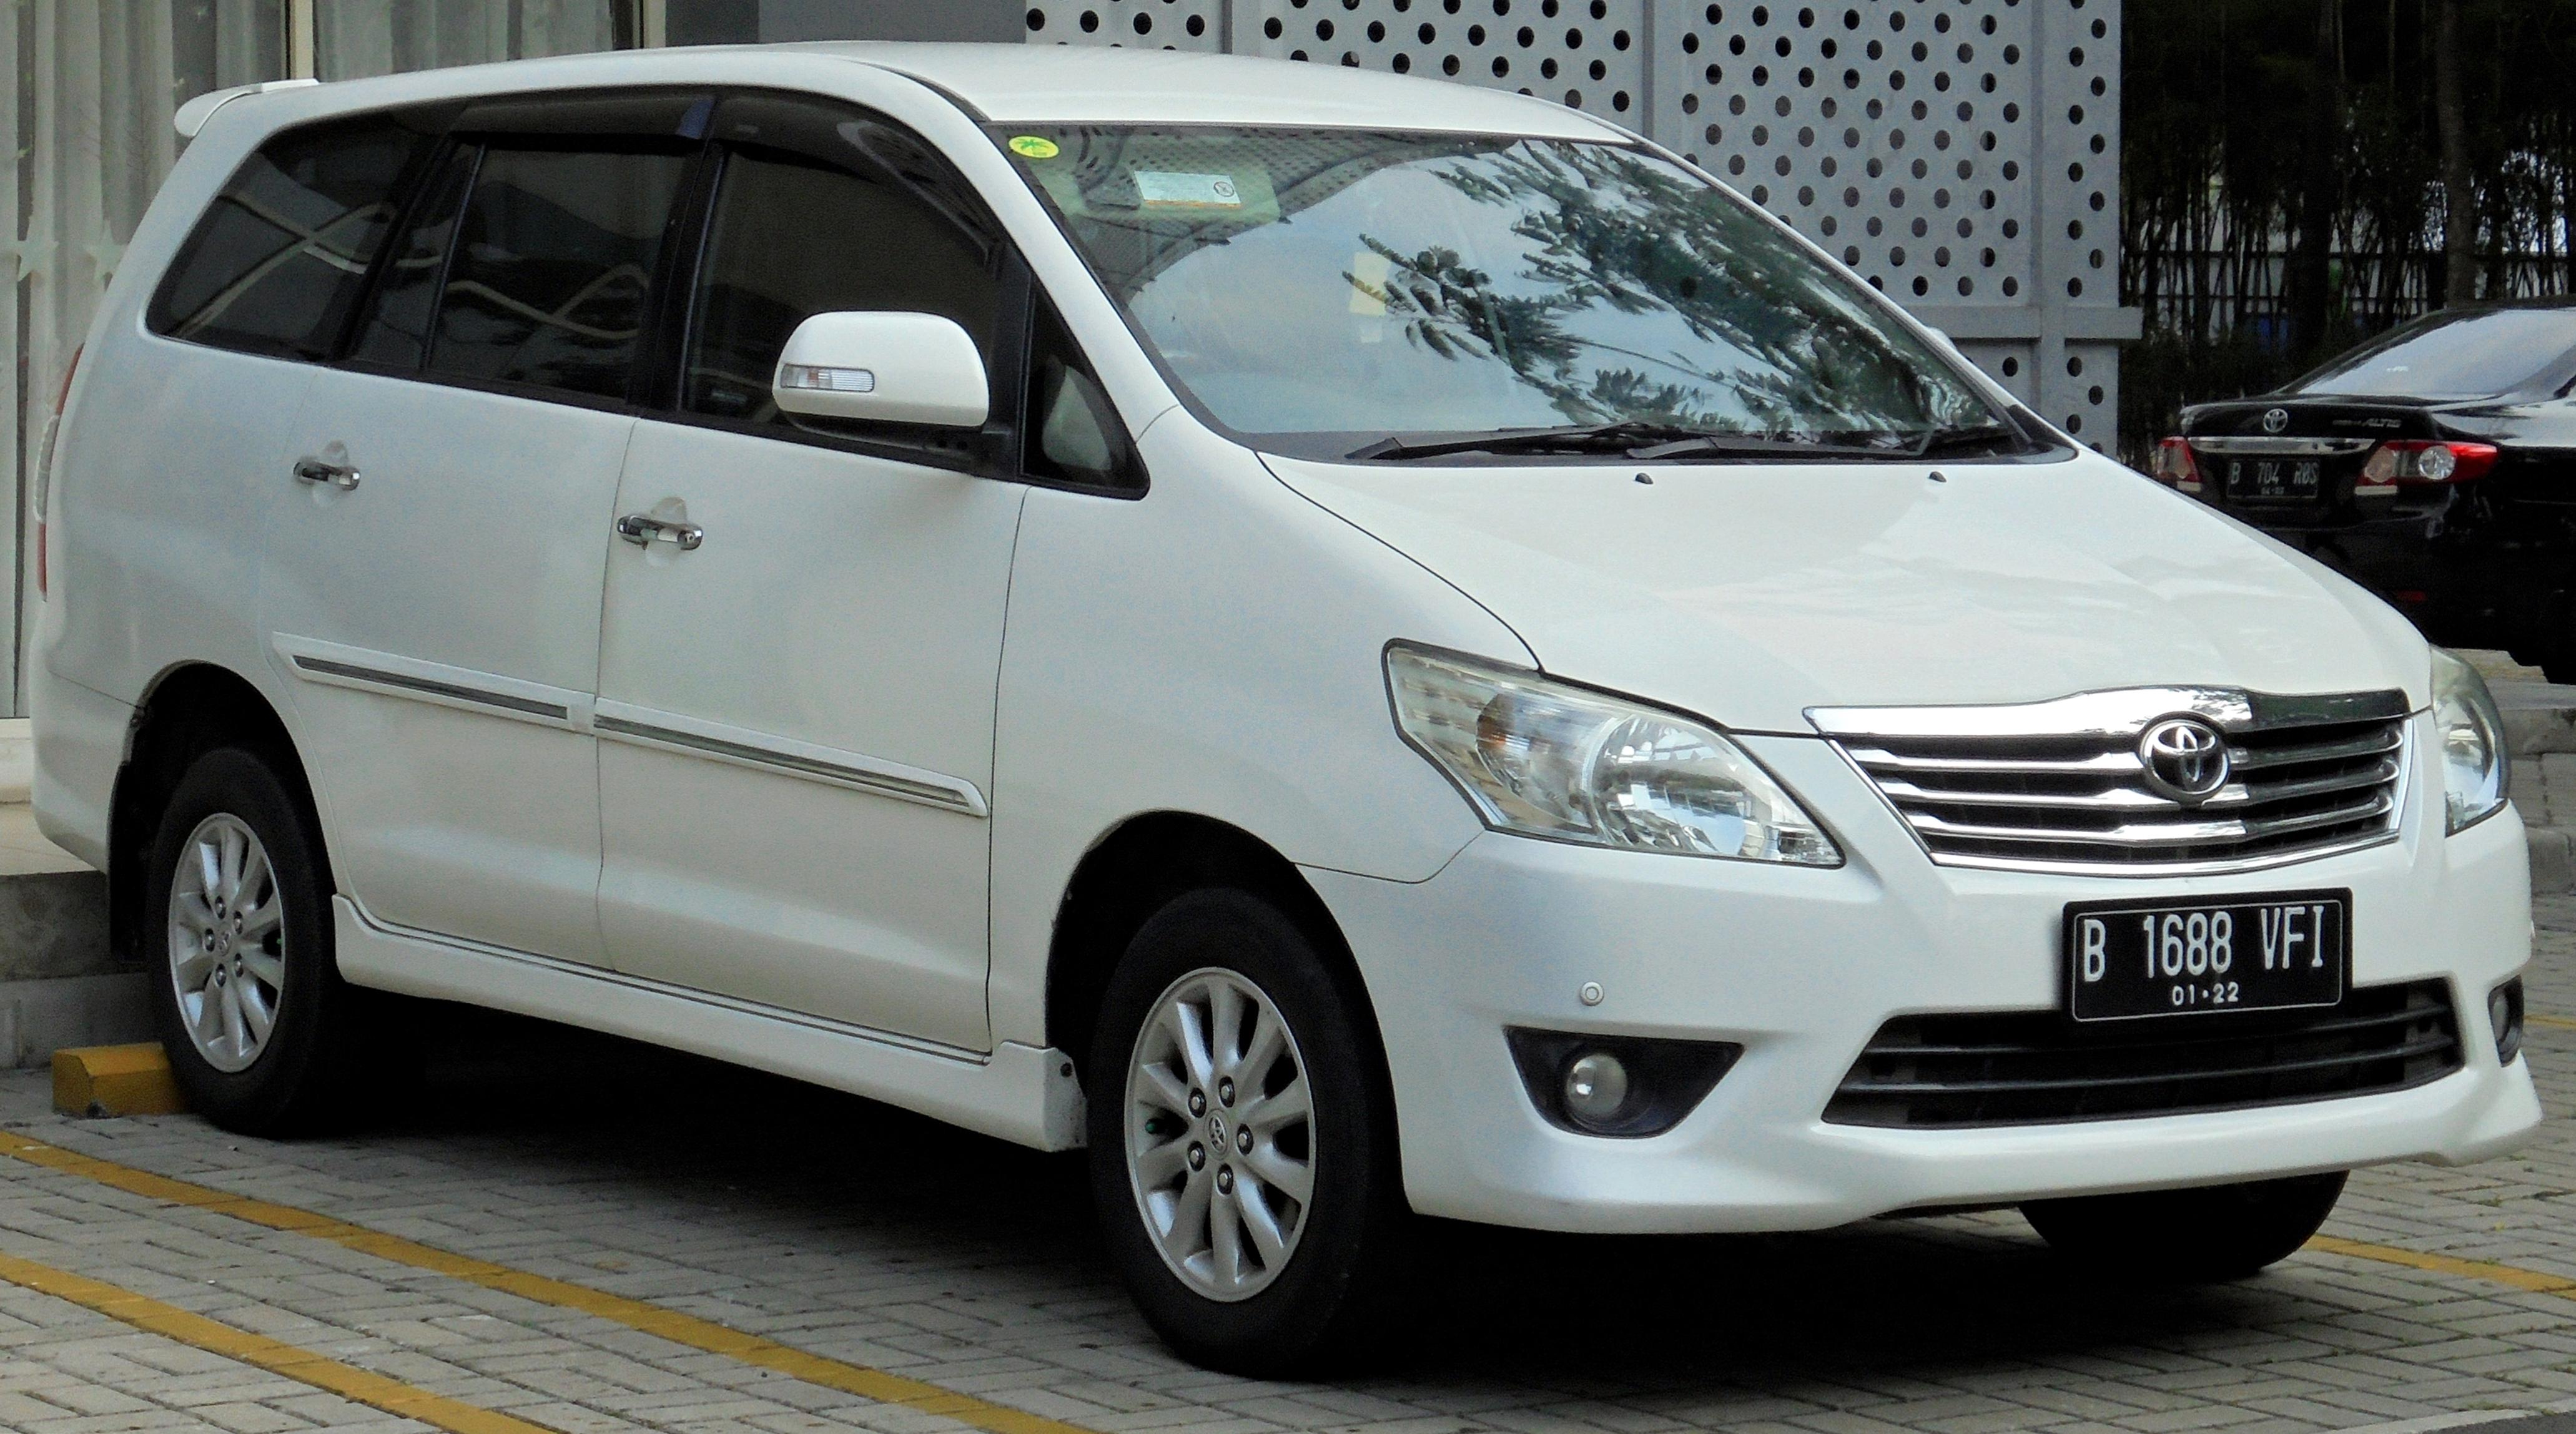 Kelebihan Toyota Innova 2012 Perbandingan Harga